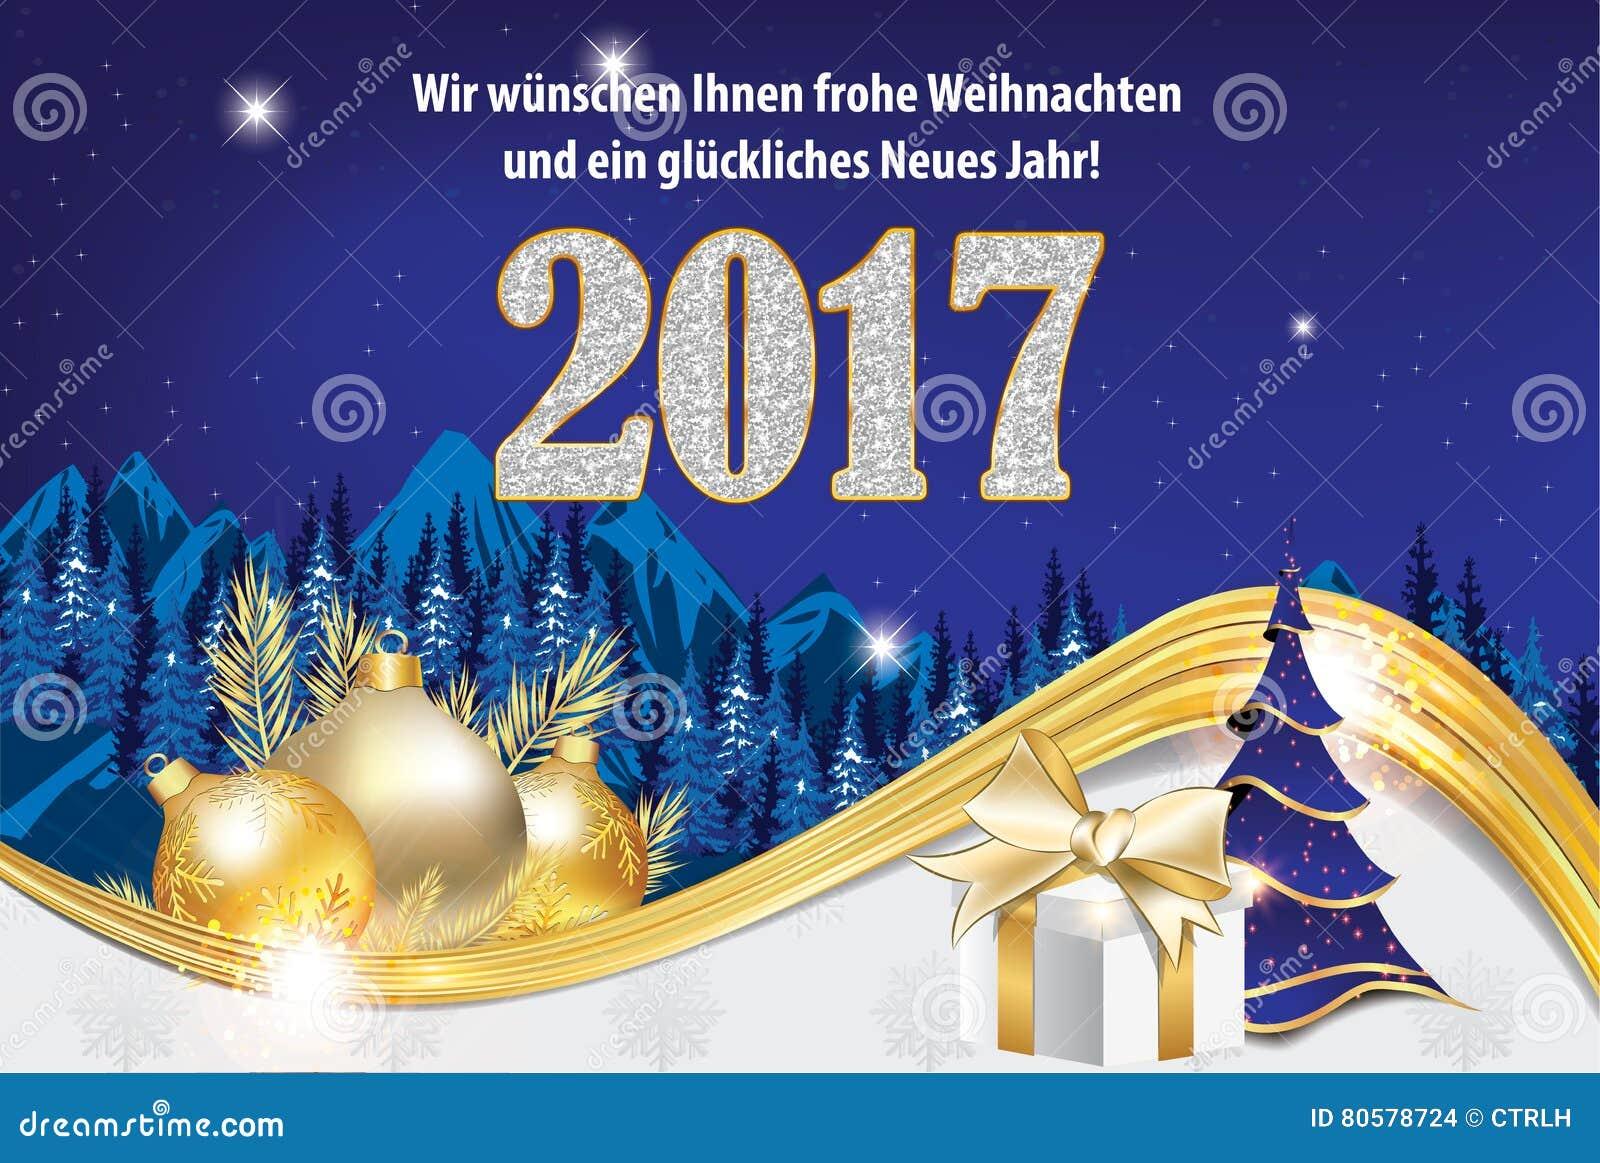 Guten Rutsch Ins Neue Jahr-Grußkarte 2017 In Der Deutschen Sprache ...